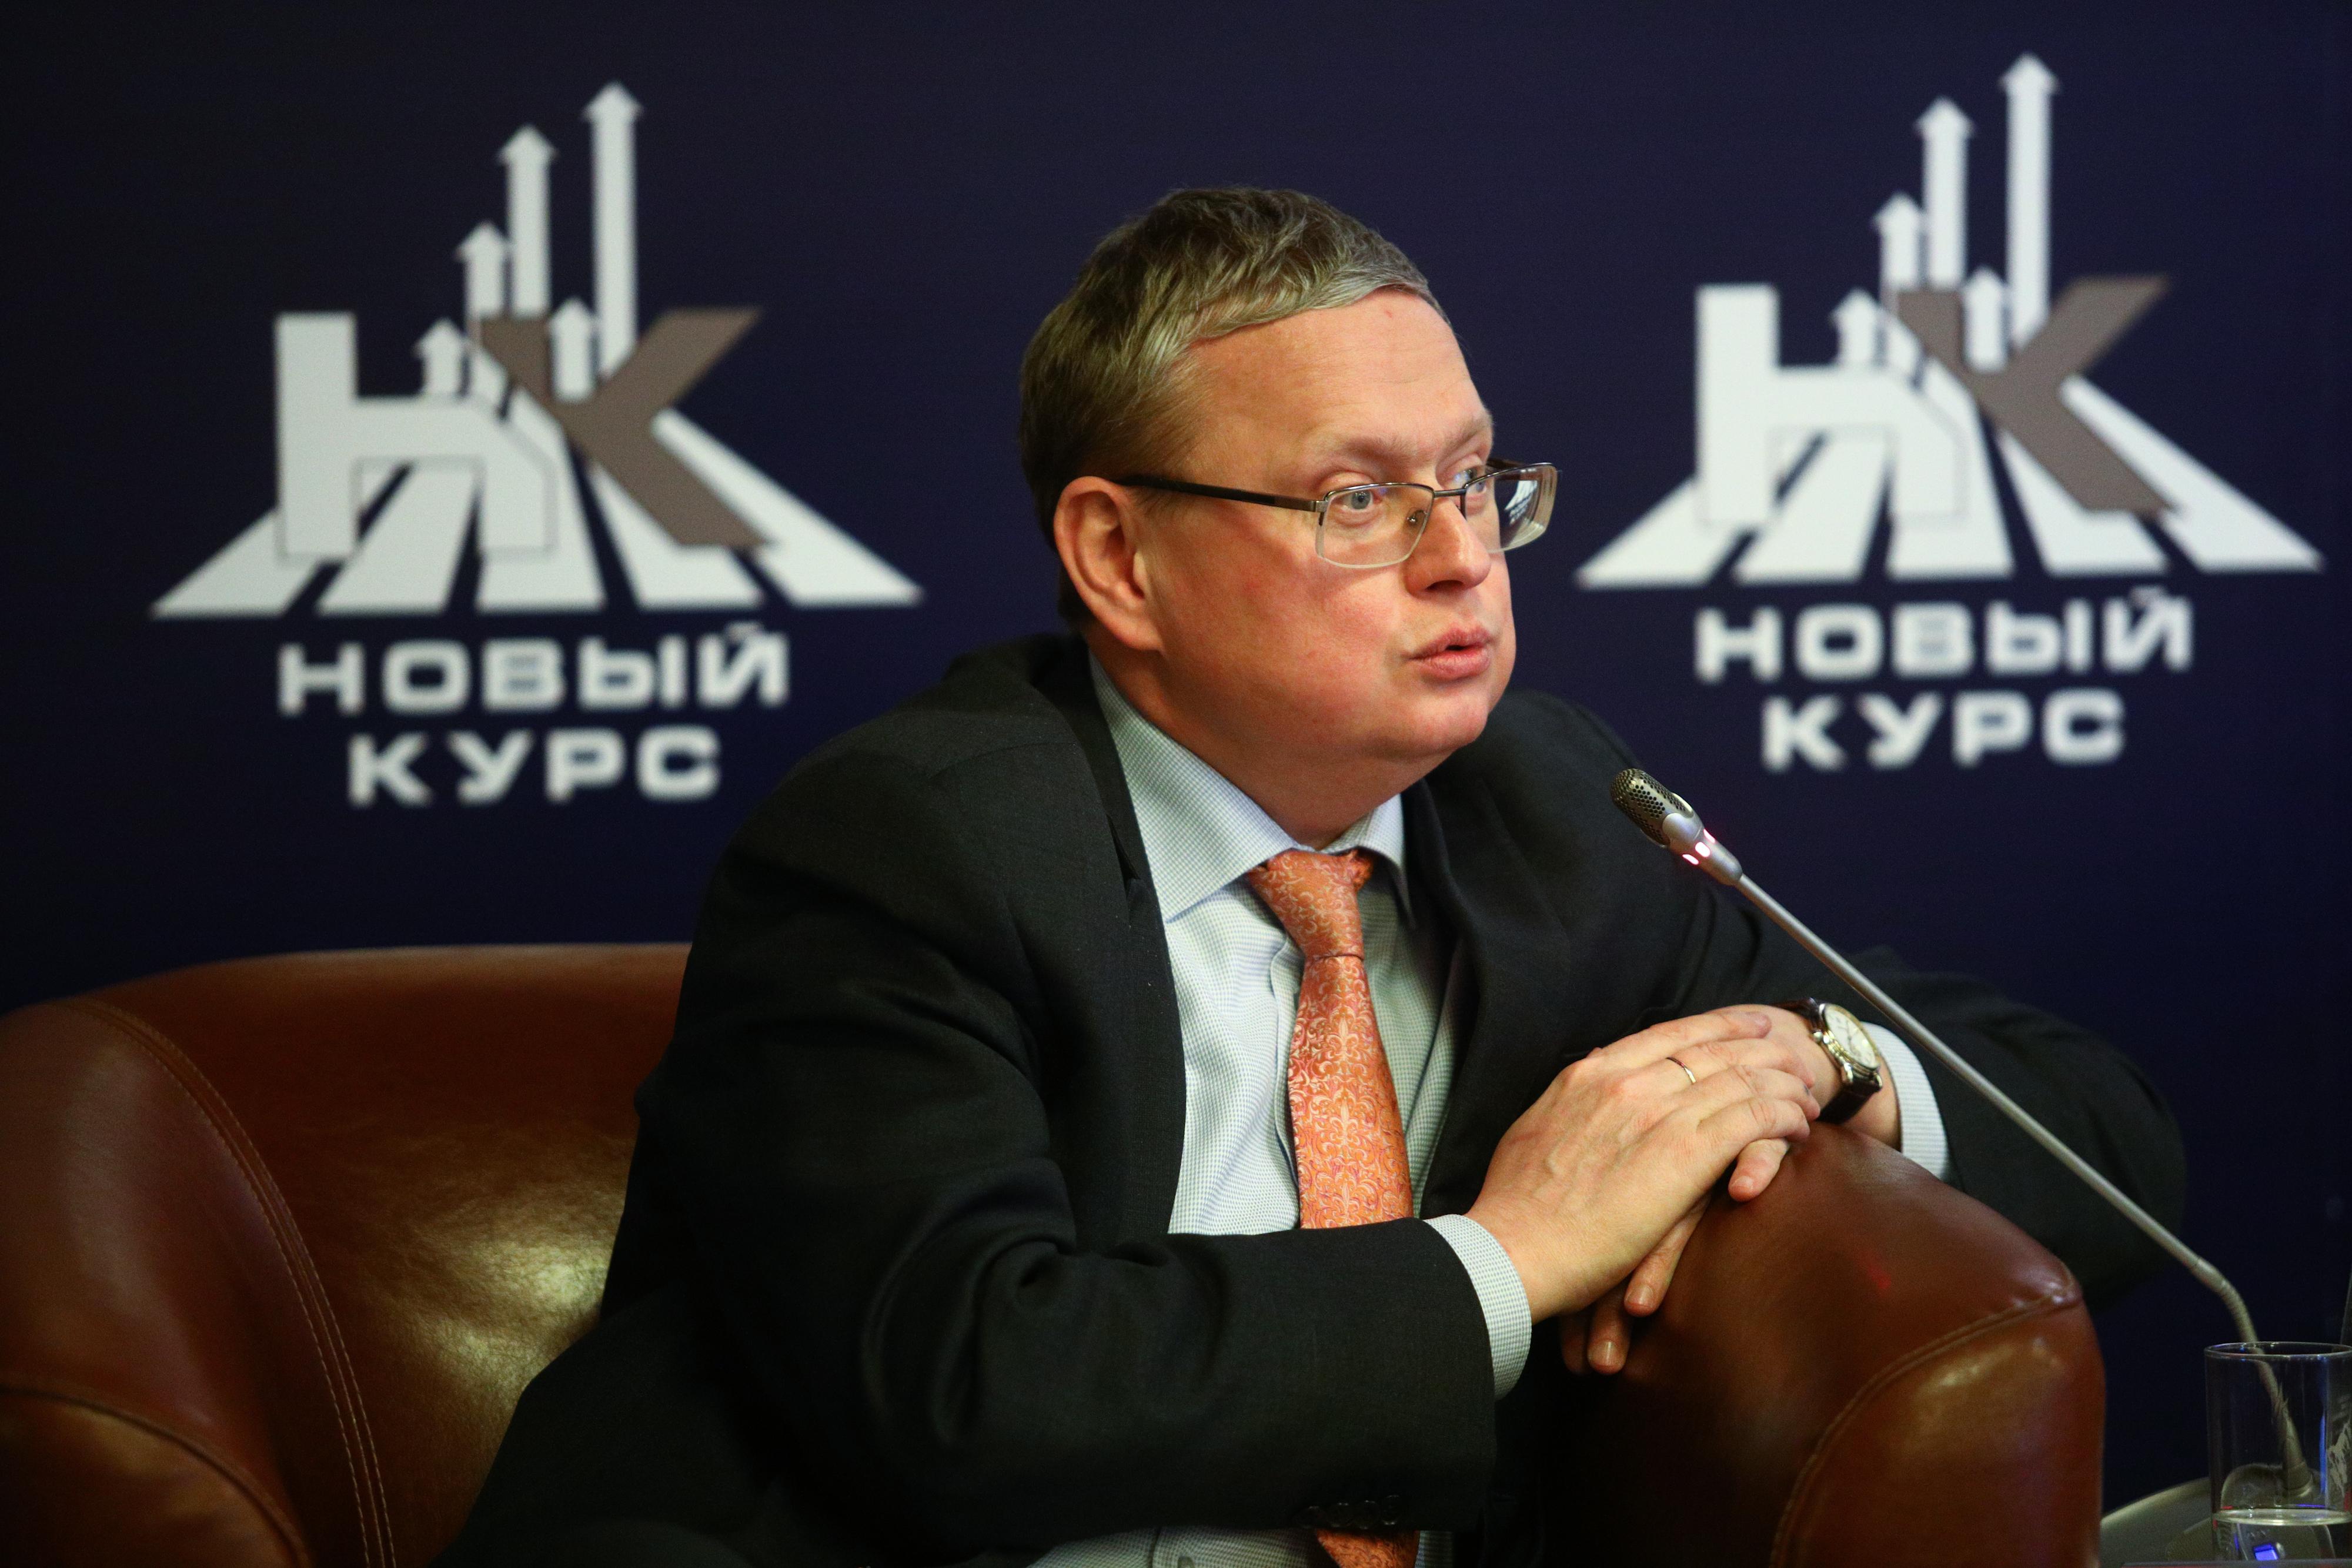 Обнуление президентского срока – дискредитация президента страны. М.Г.Делягин